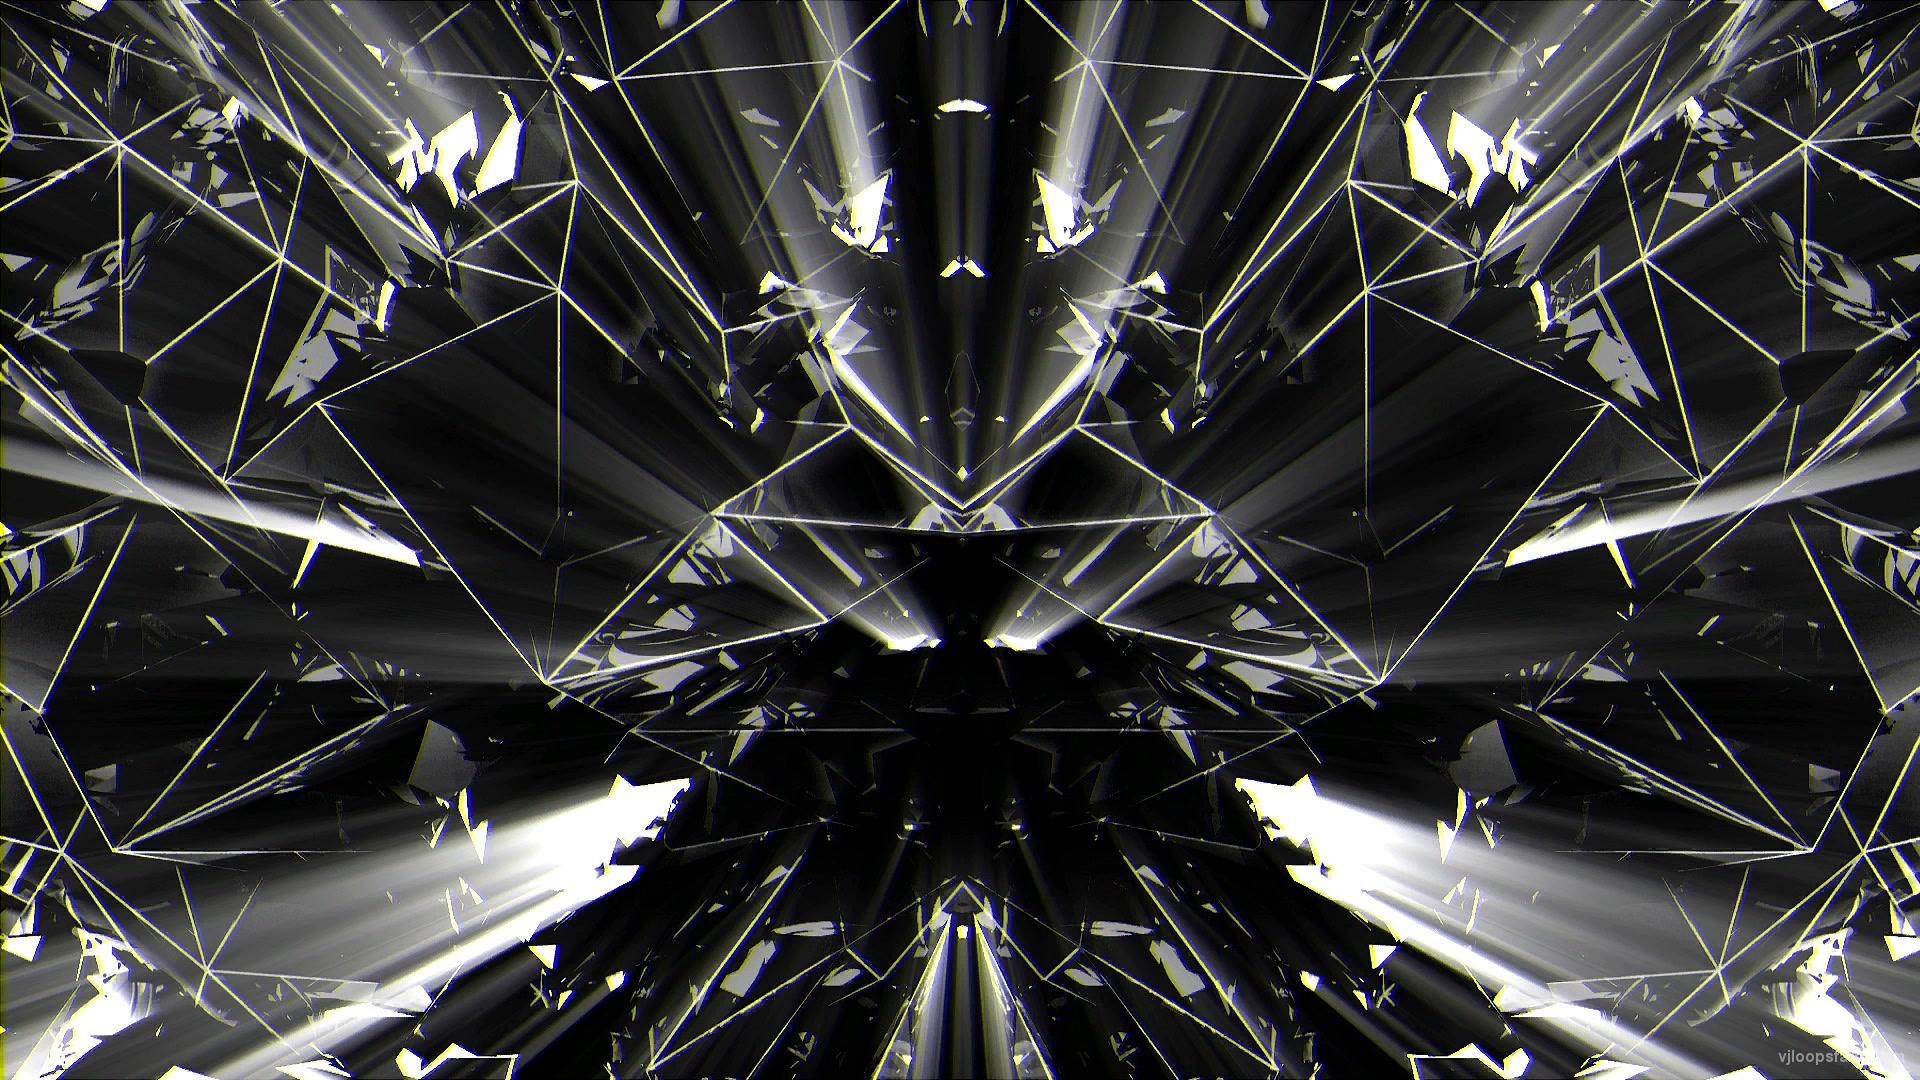 vj video background White-power_1920x1080_29fps_VJLoop_LIMEART_003